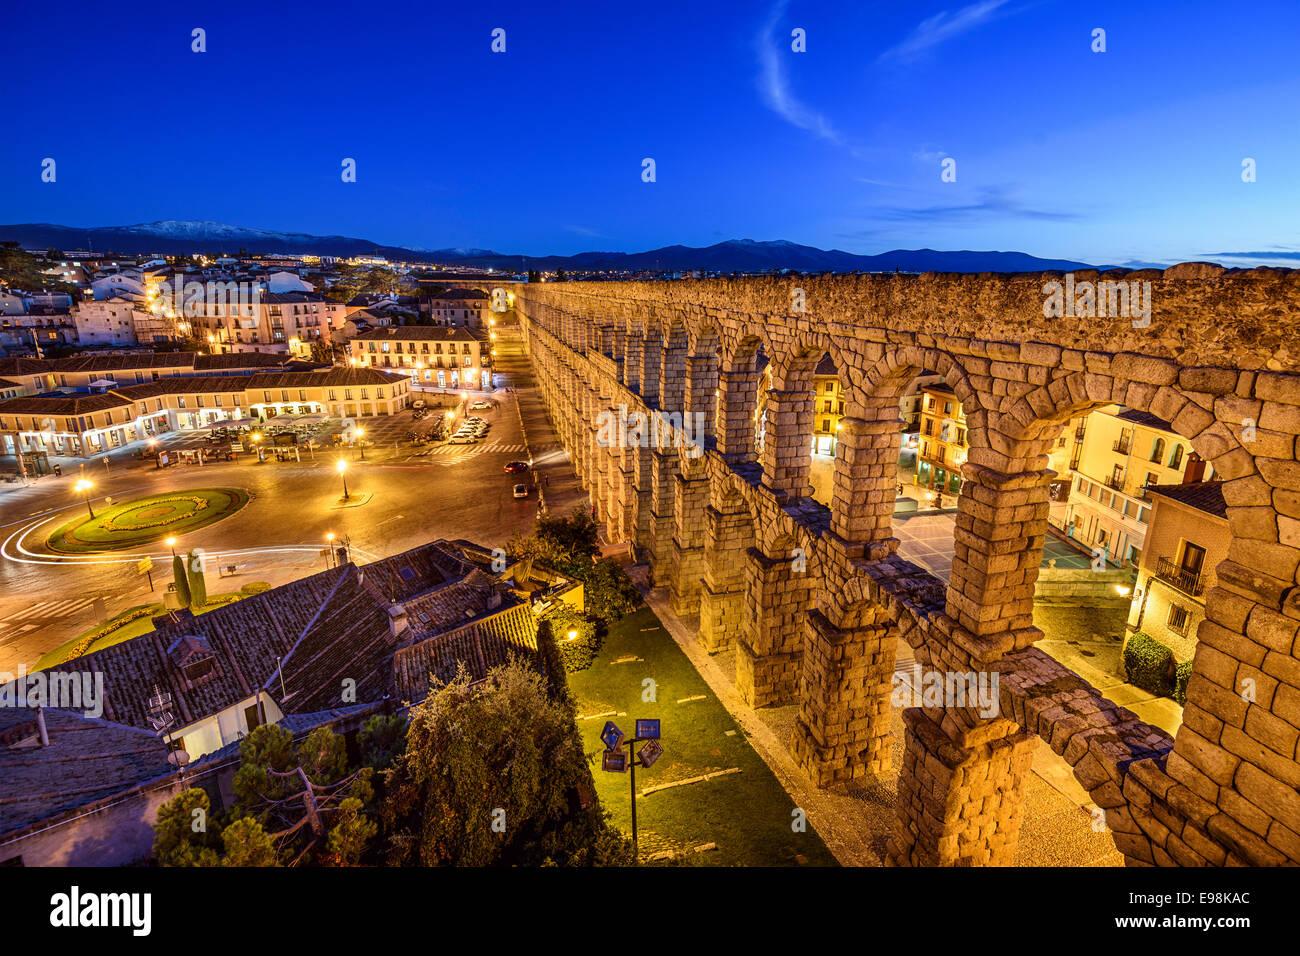 Segovia, España en el antiguo acueducto romano en la Plaza del Azoguejo. Imagen De Stock